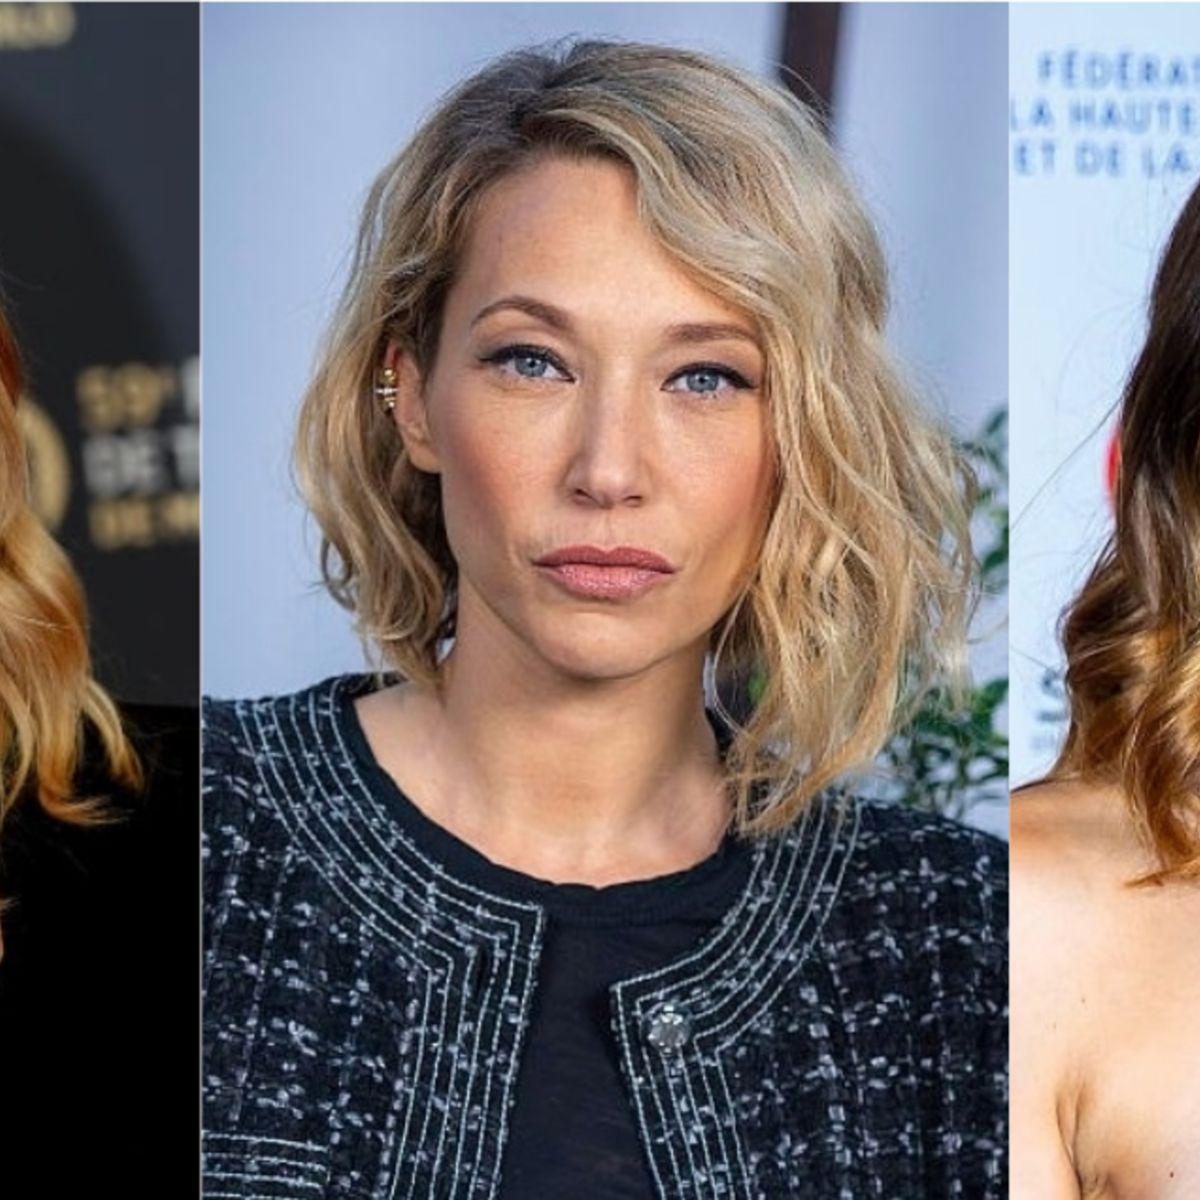 +20 top idées de plus belle coupe de cheveux femme 2020 - LiloBijoux - Bijoux Fantasie tendances ...